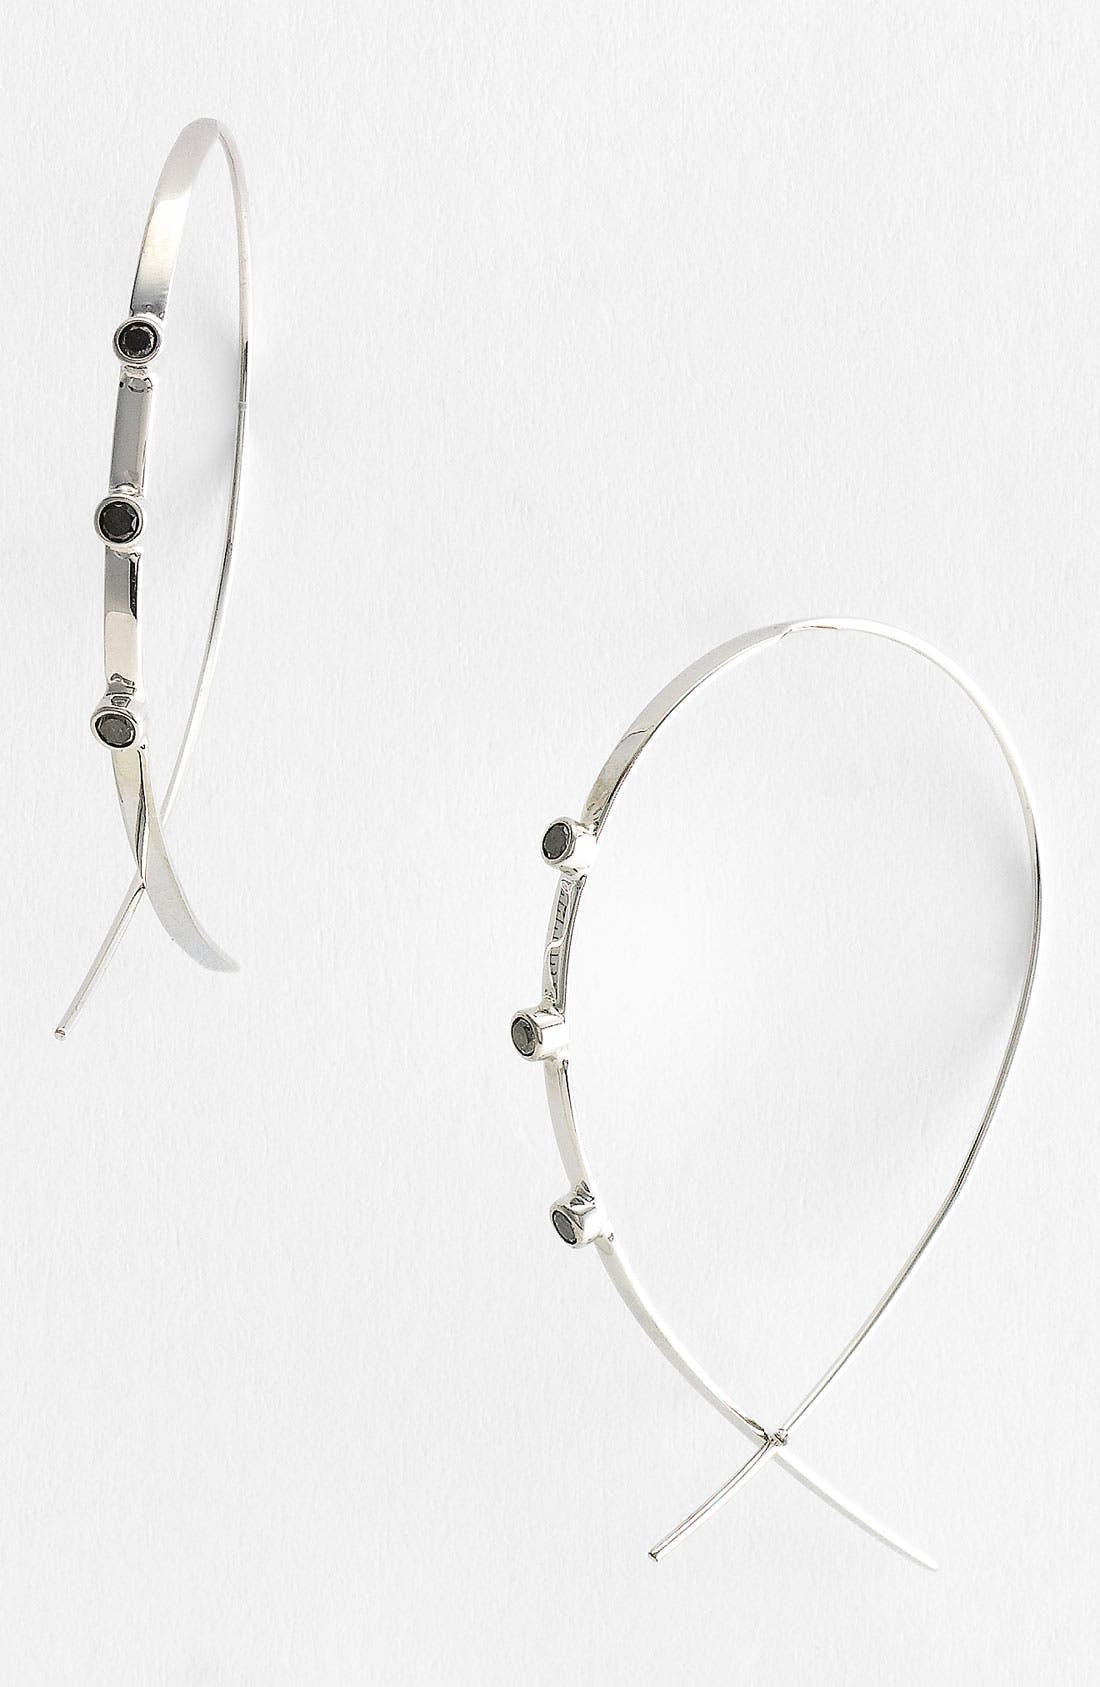 Alternate Image 1 Selected - Lana Jewelry 'Small Flat Upside Down' Hoop Earrings (Nordstrom Exclusive)